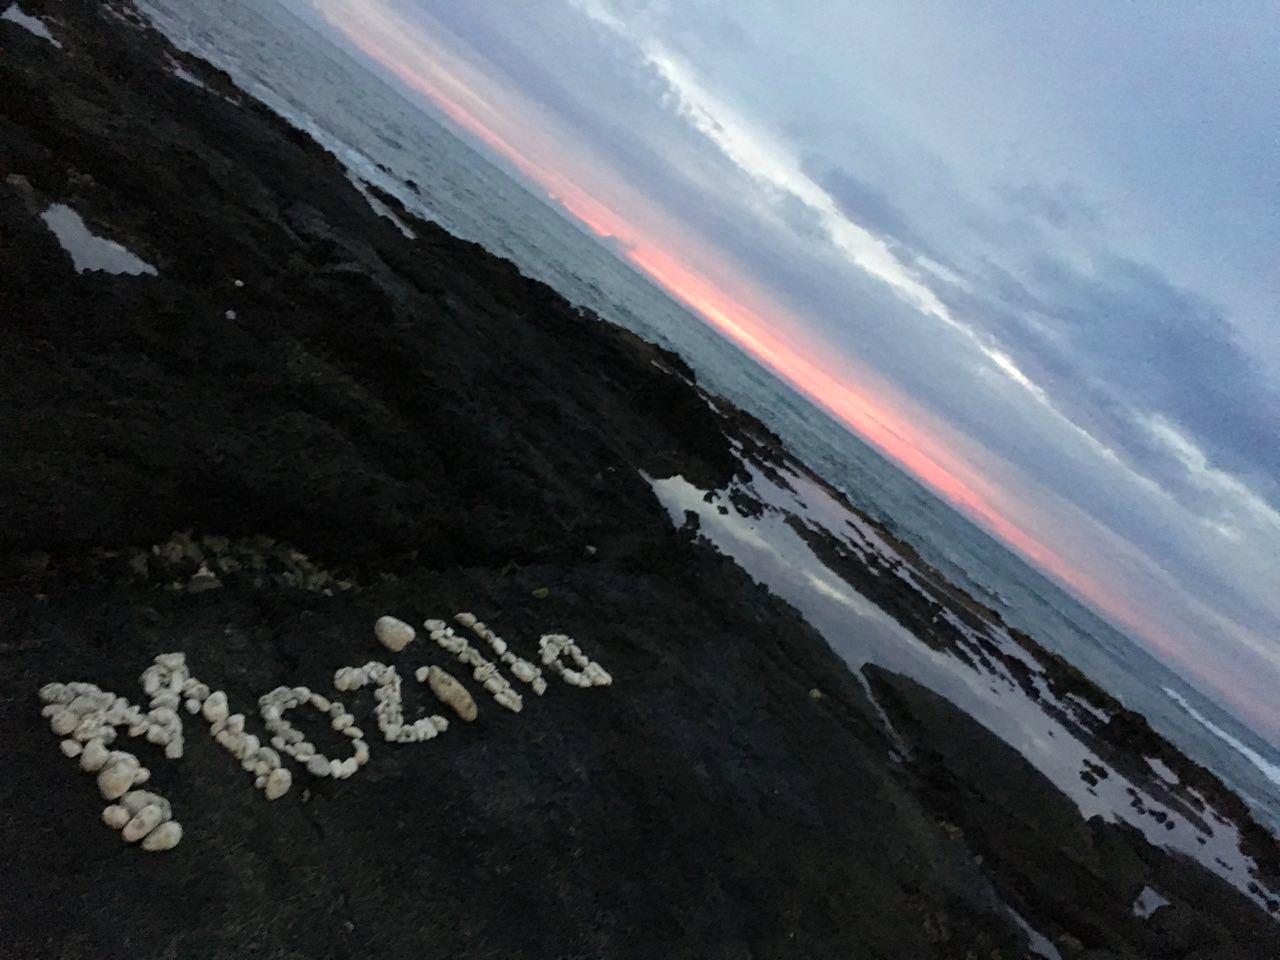 Imagem da praia em Waikoloa Village – Havaí.